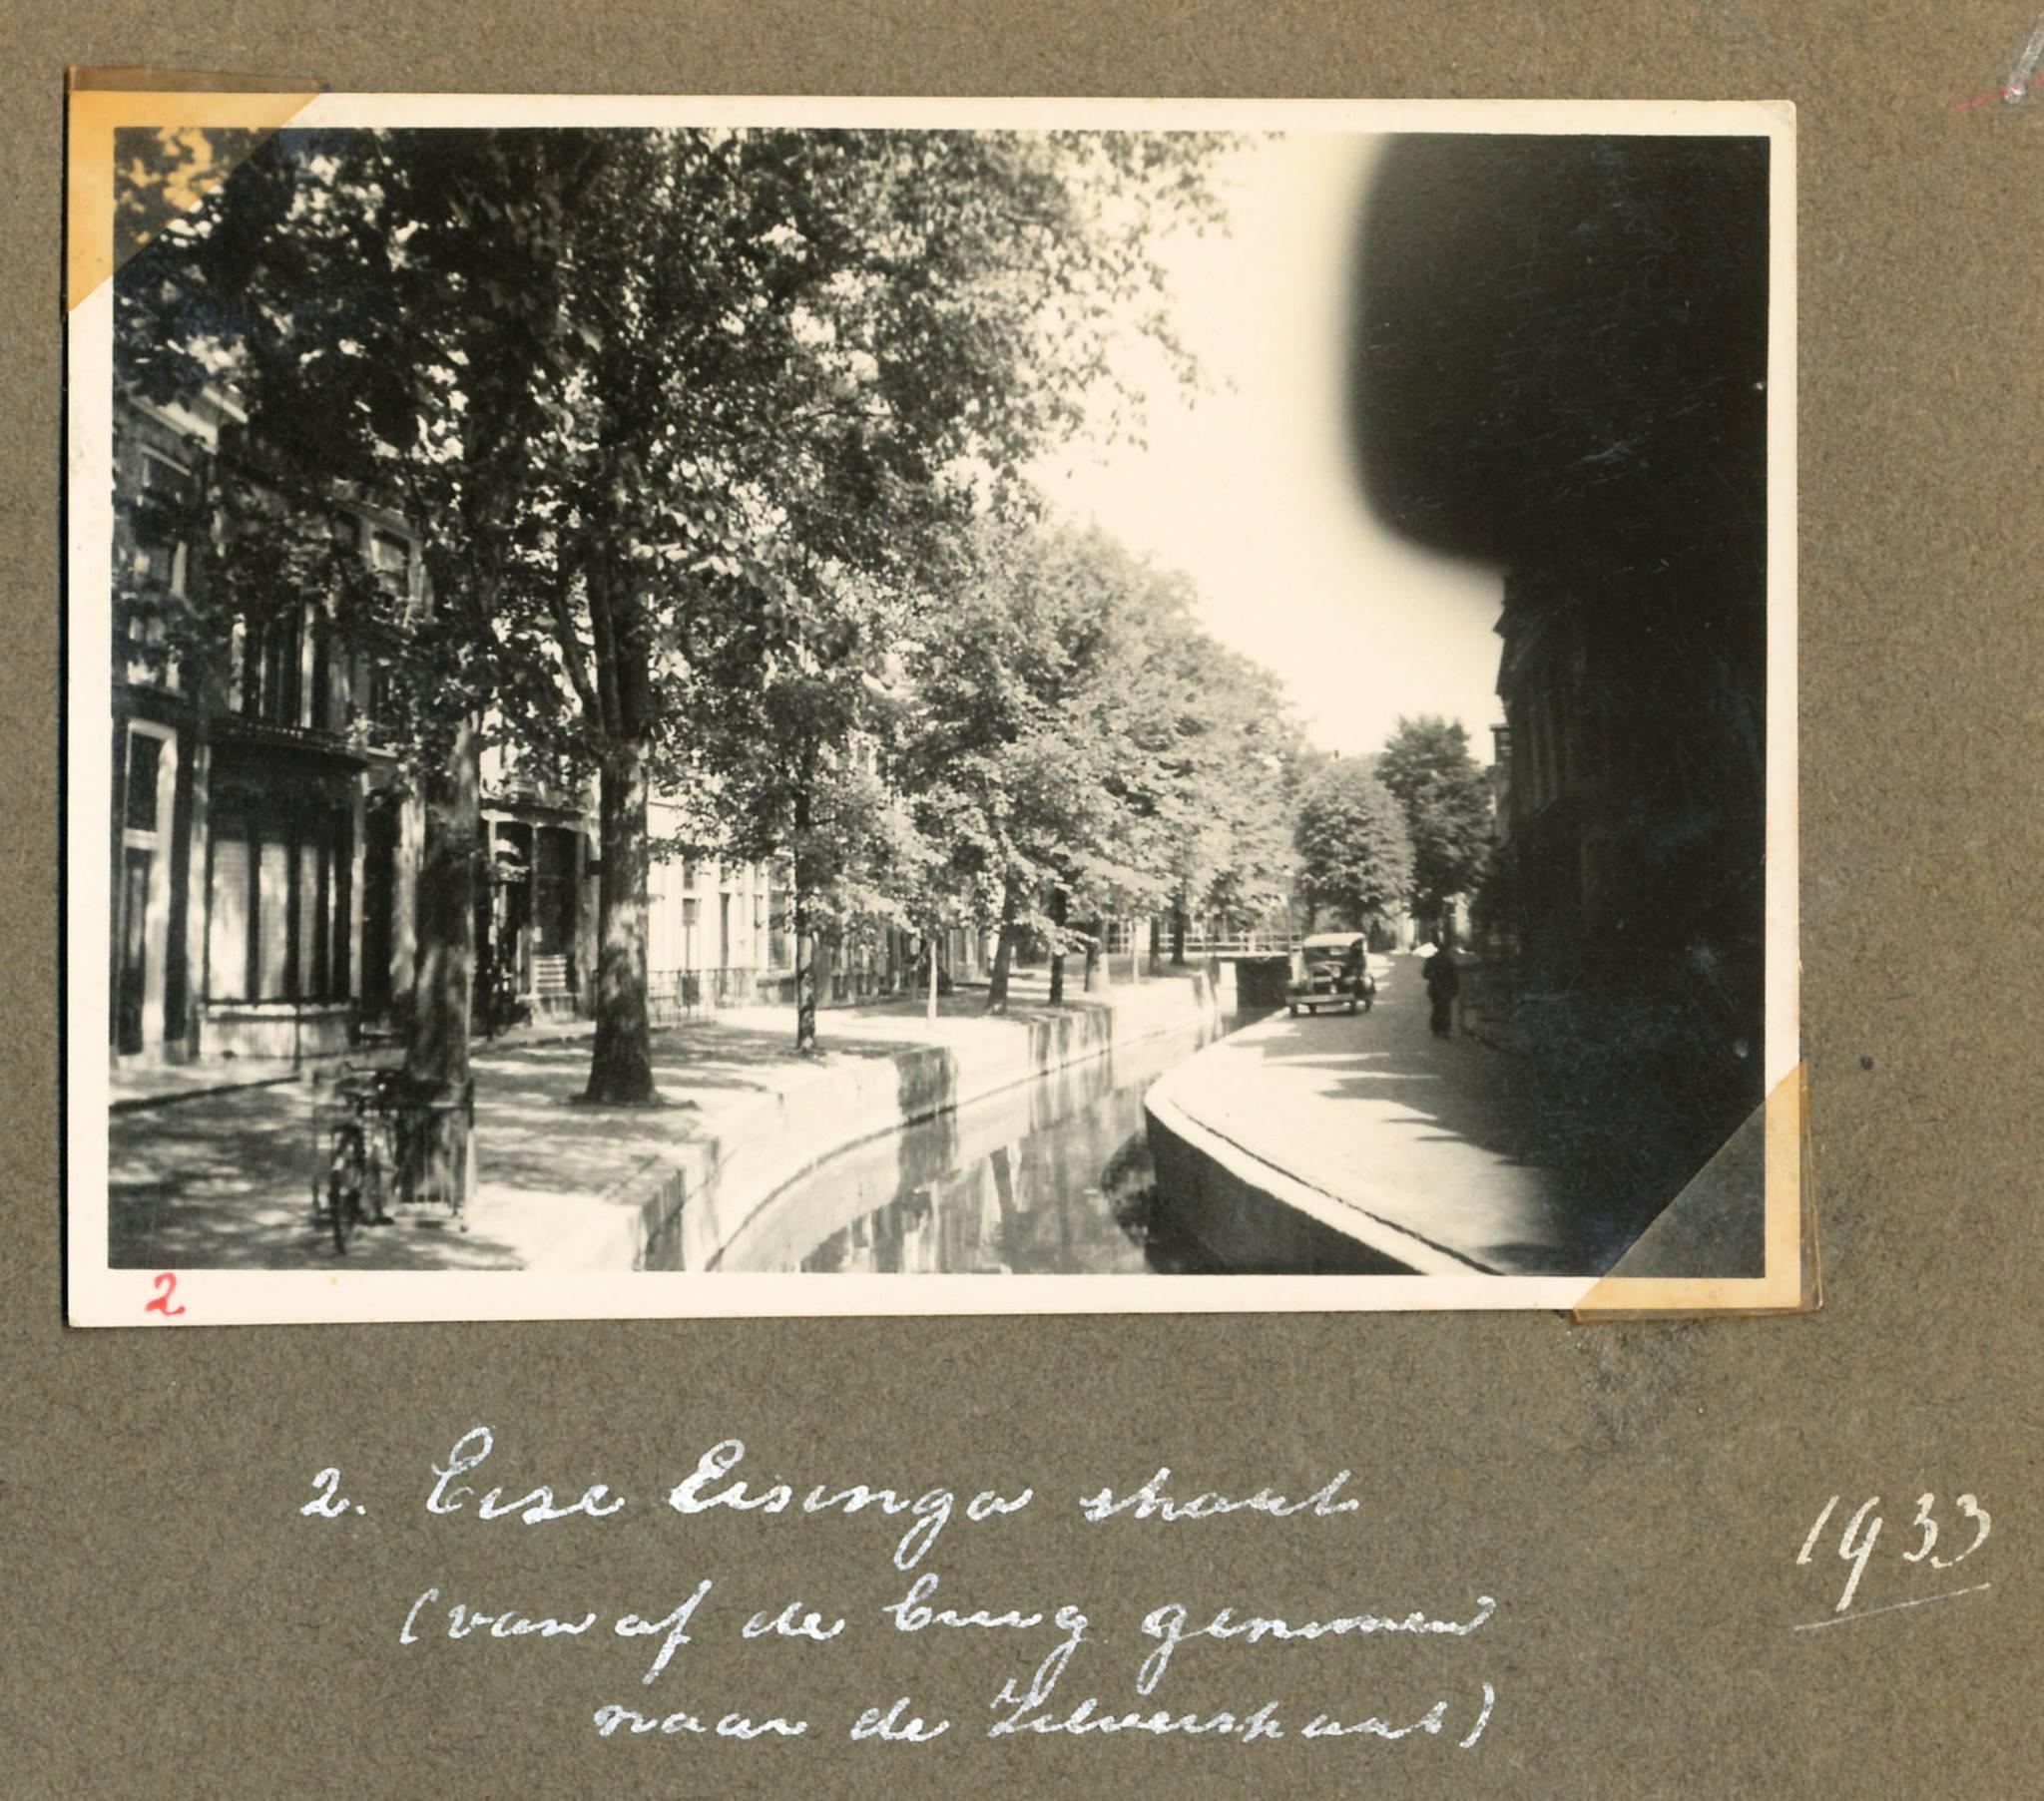 Eise-Eisingastraat-1933-c